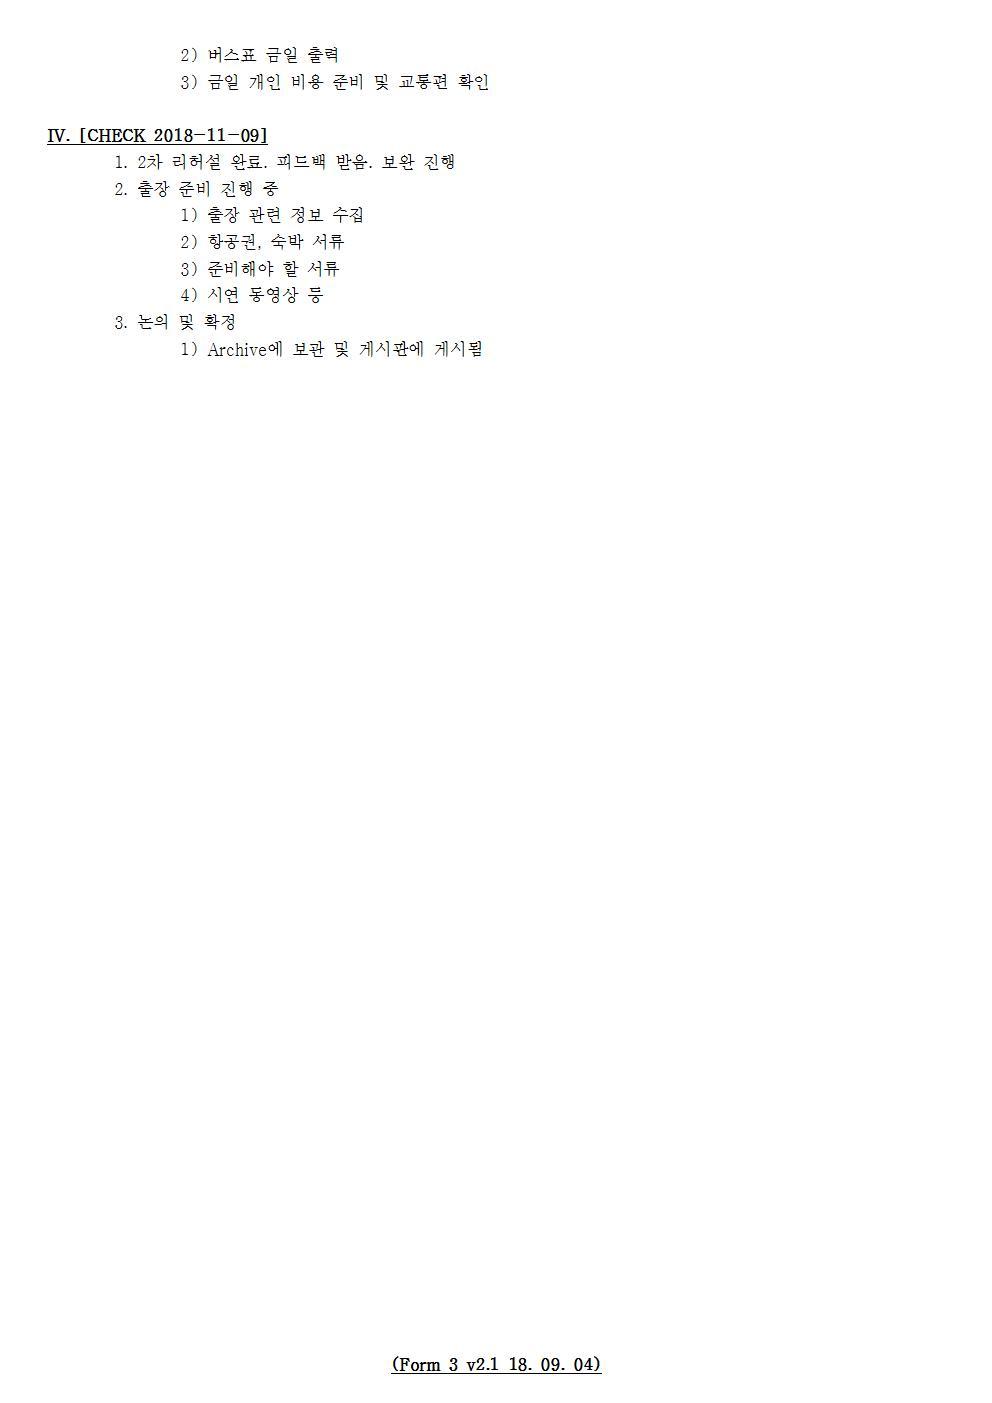 D-[18-018-PP-12]-[ICServ2018-Certification]-[2018-11-09][SH]002.jpg